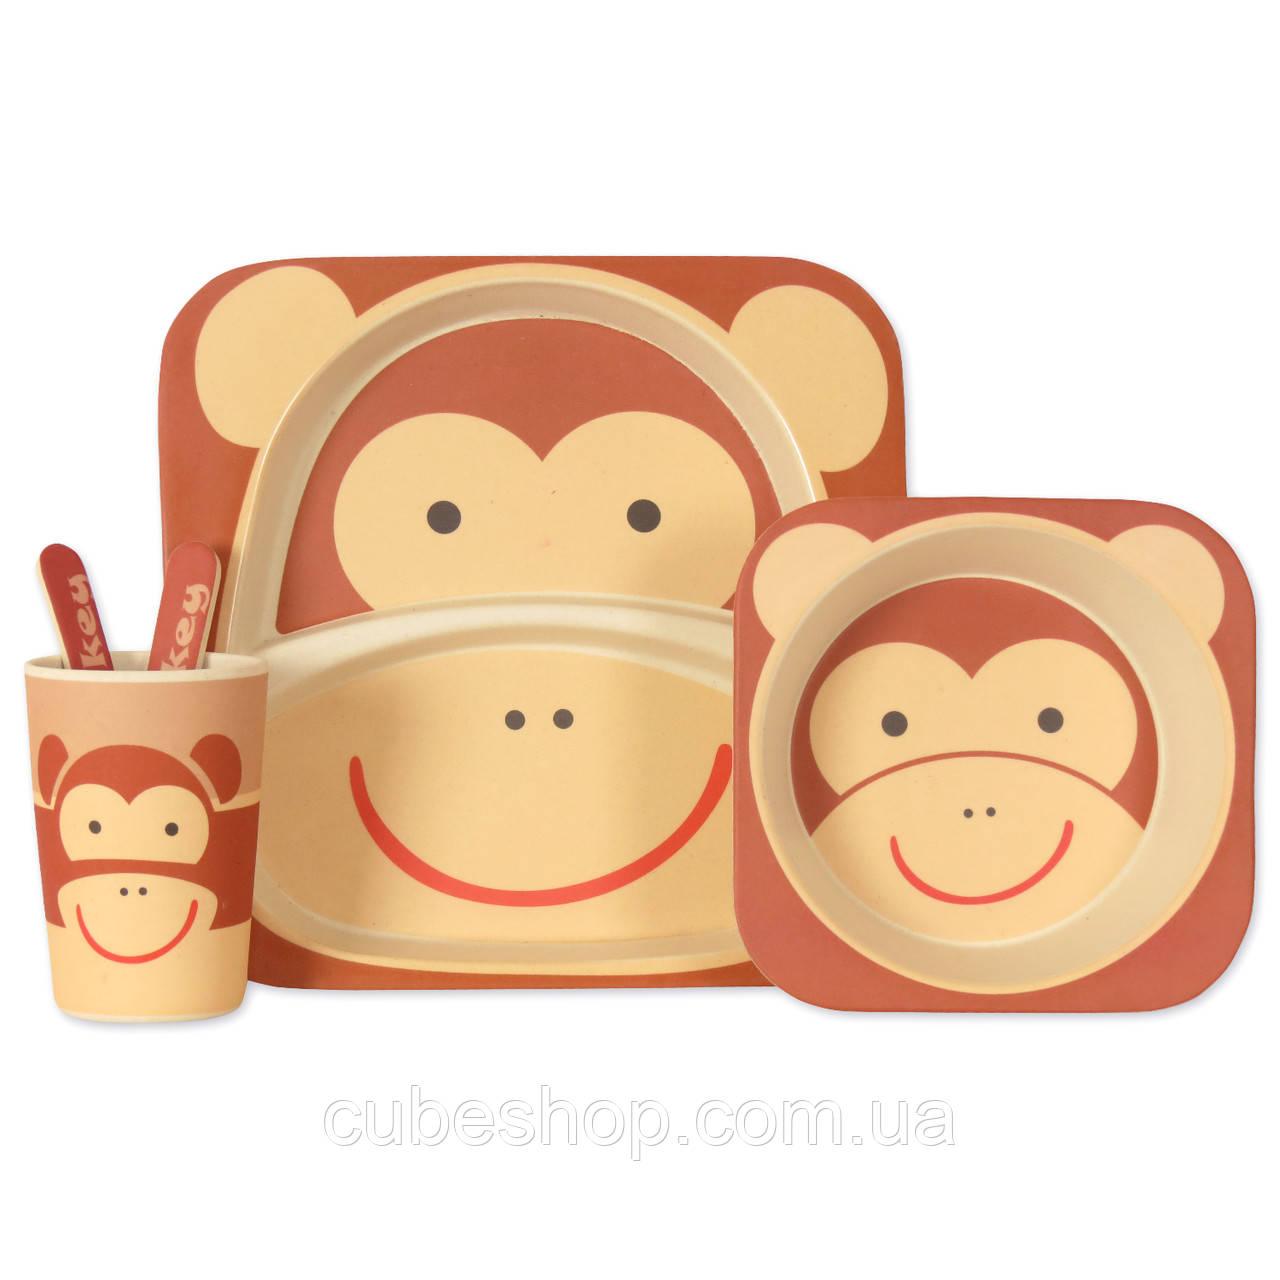 Набор детской посуды из бамбукового волокна Monkey